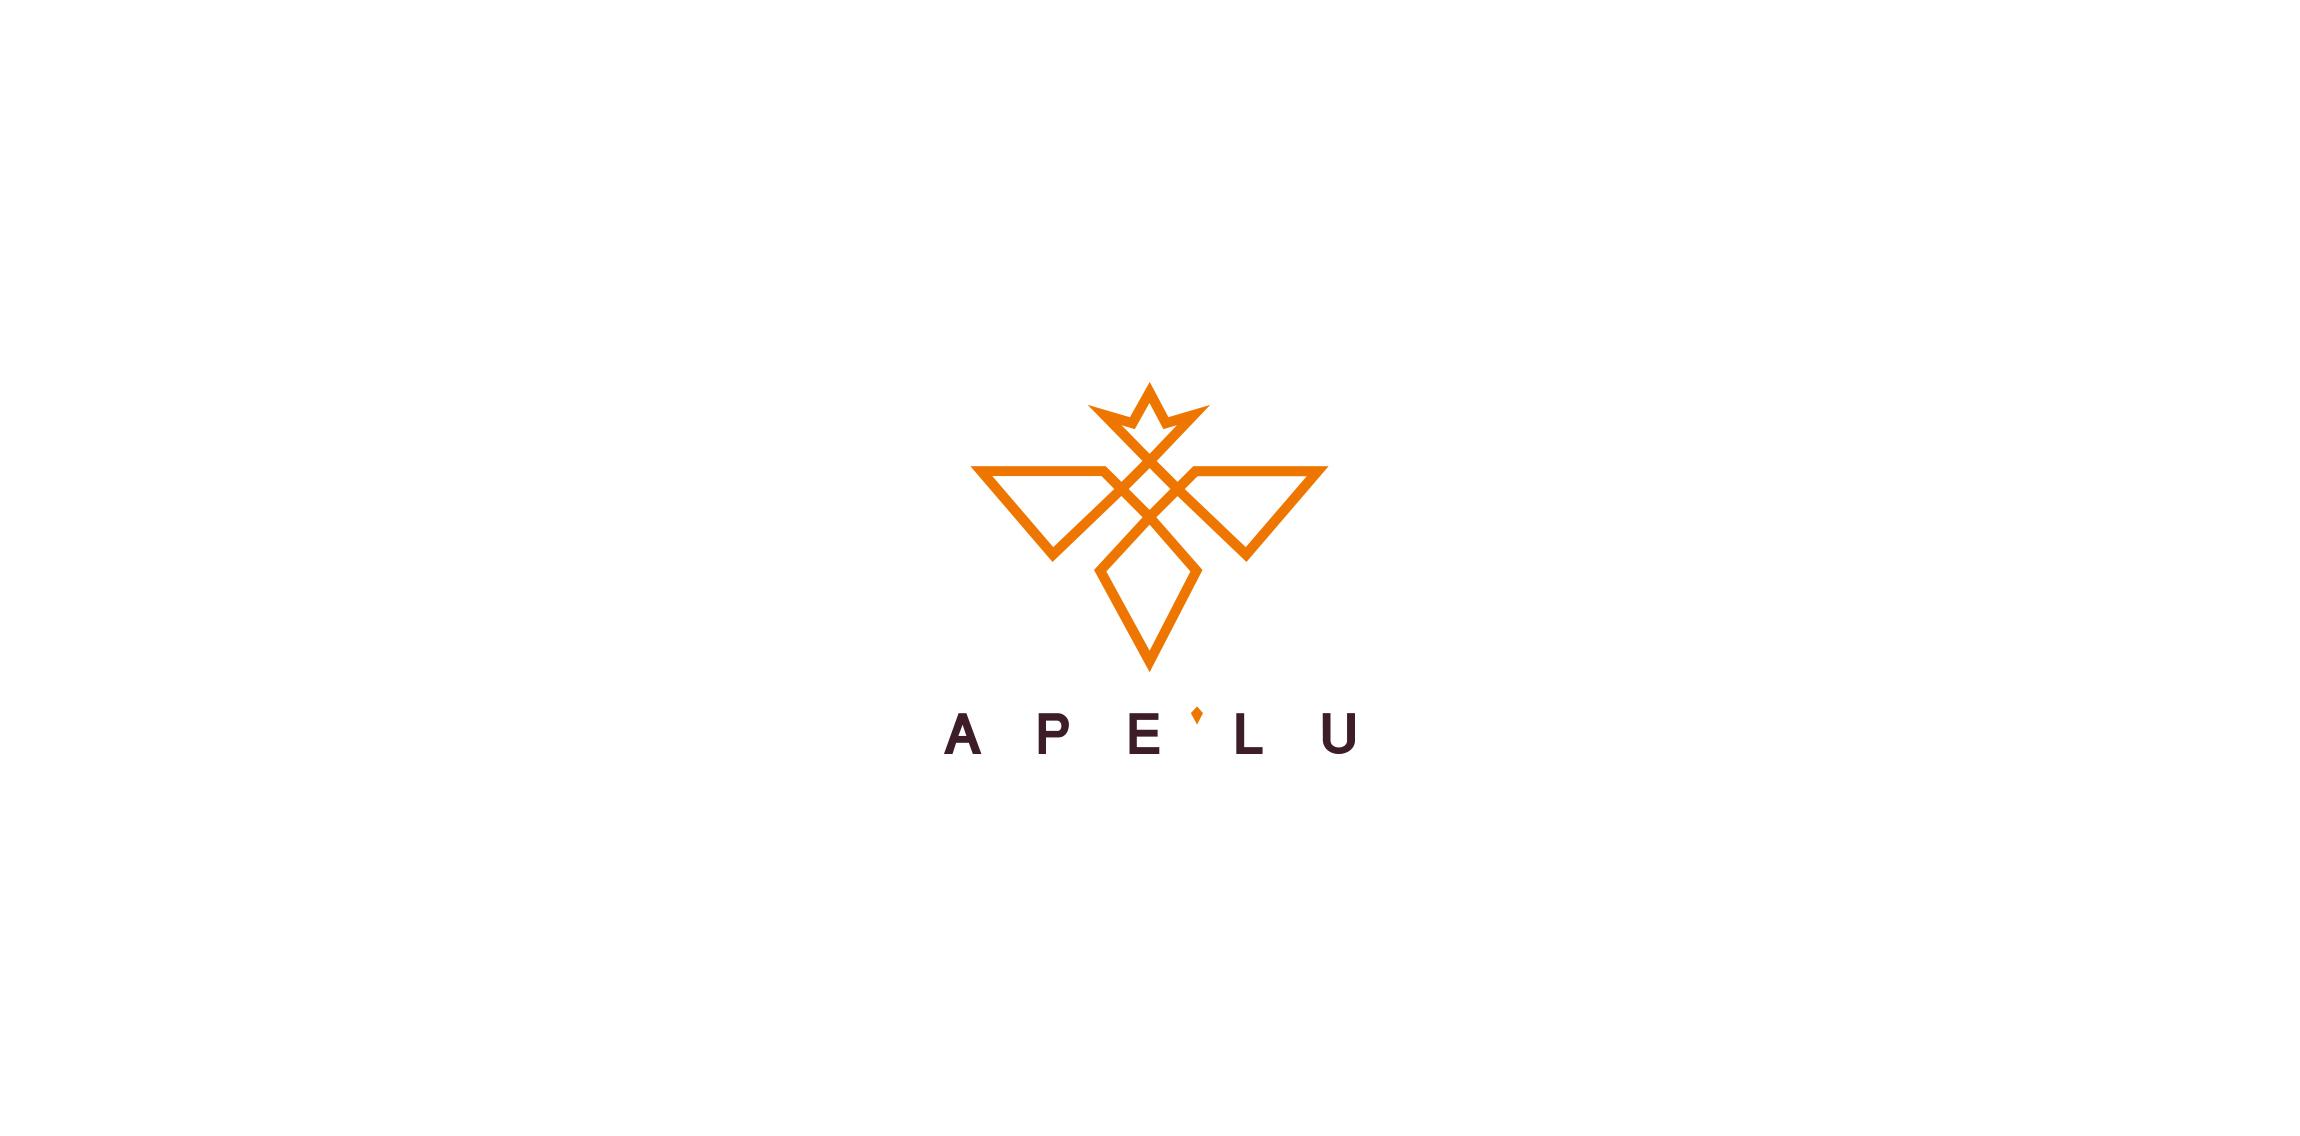 Ape Lu